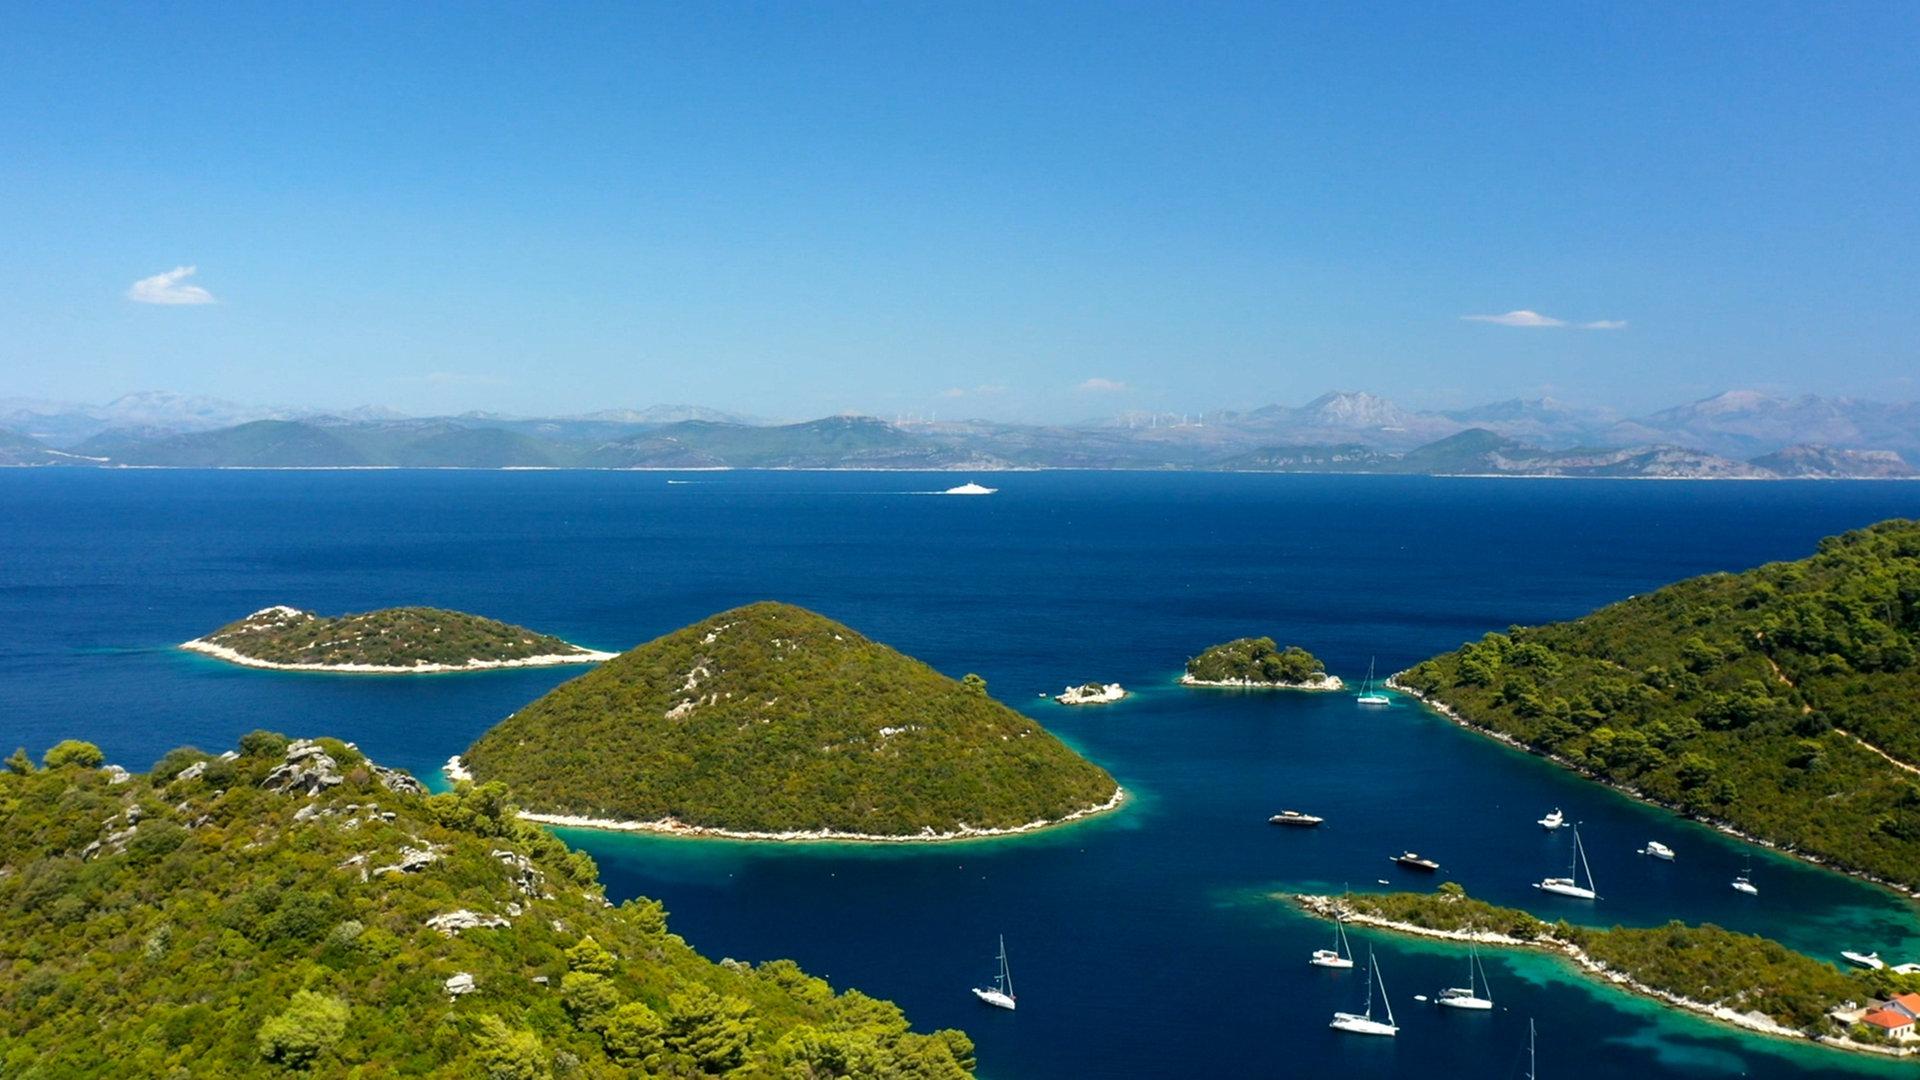 mareTV - Kroatiens Inselwelt. Vor Dalmatiens Küste